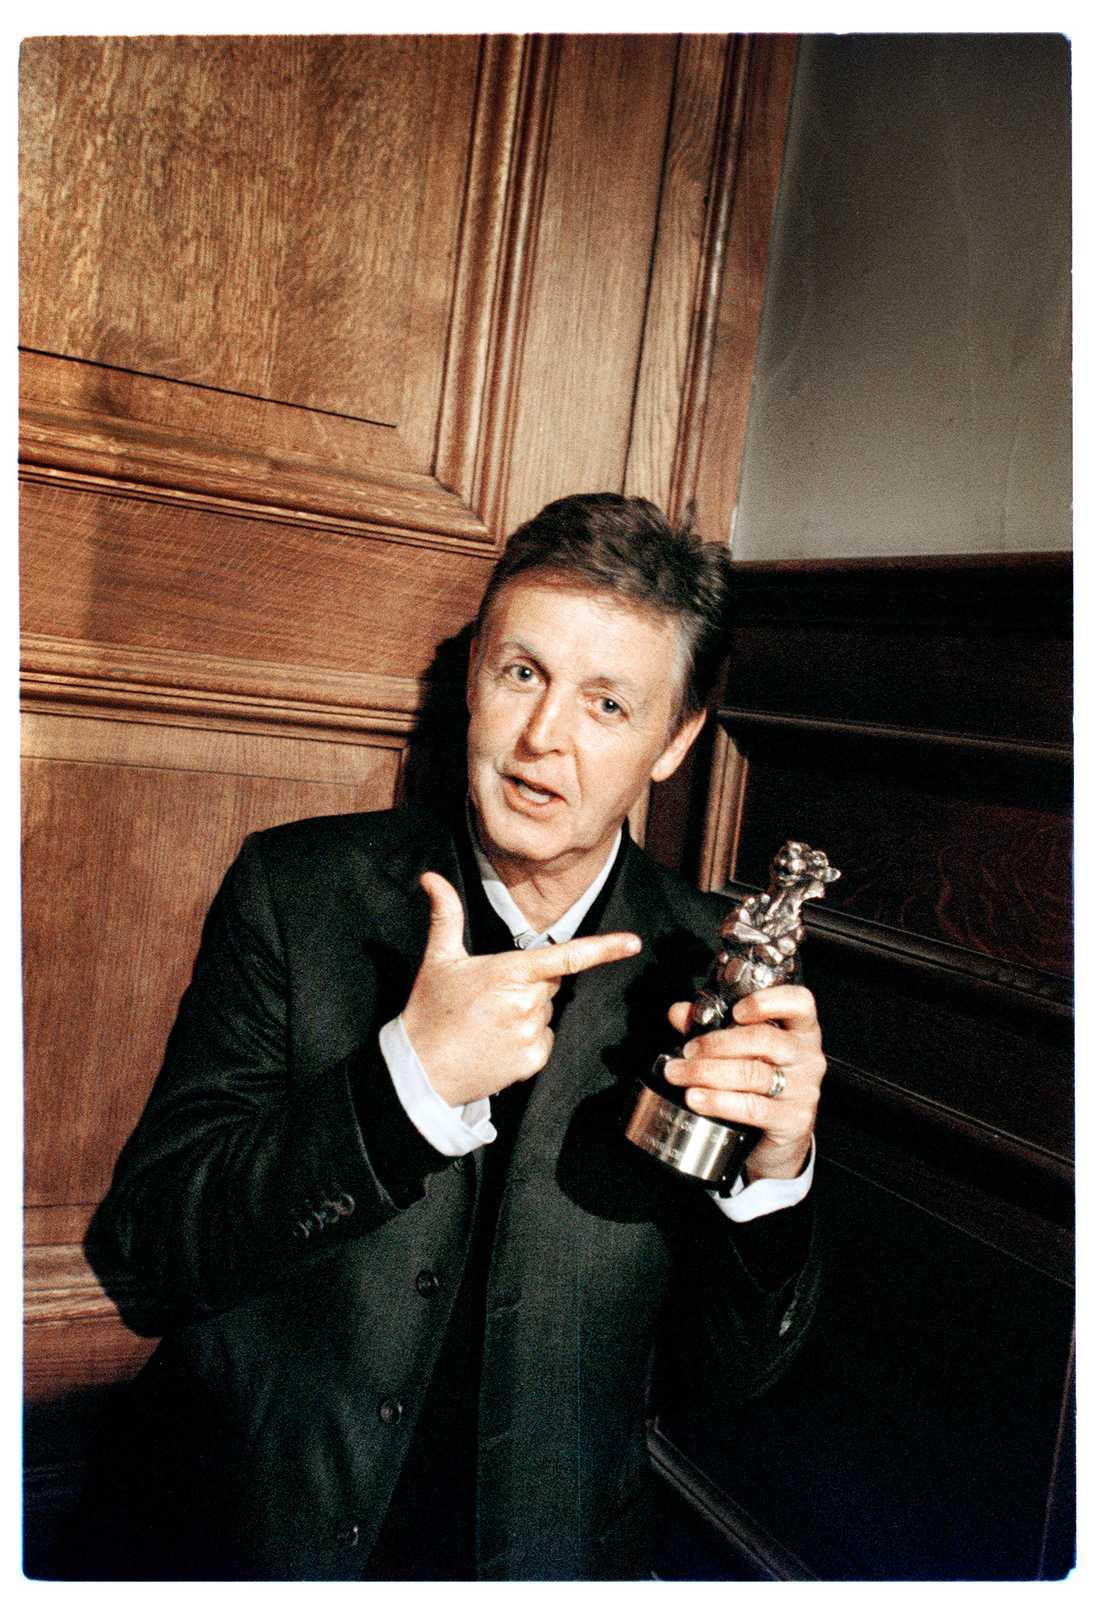 1999 fick The Beatles en Rockbjörn. Här poserar Paul McCartney med priset.